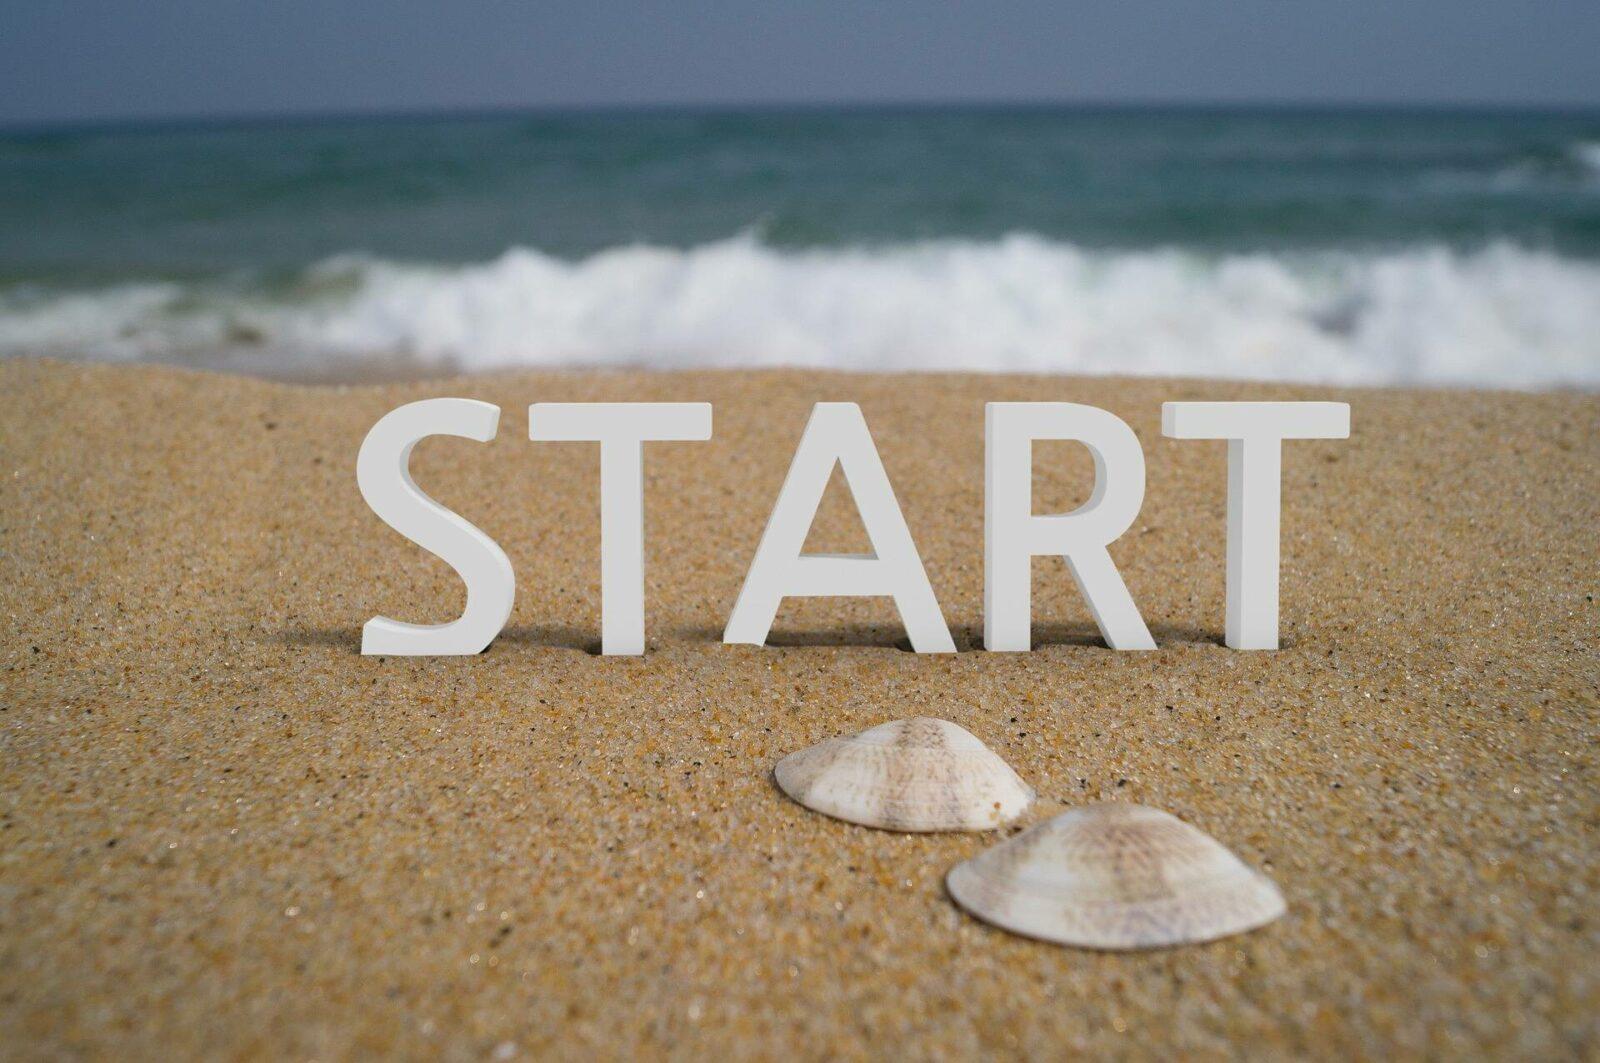 Hộ sinh và Cuộc sống – Làm thế nào bạn có thể bắt đầu một công việc kinh doanh mang lại cho bạn sự linh hoạt?